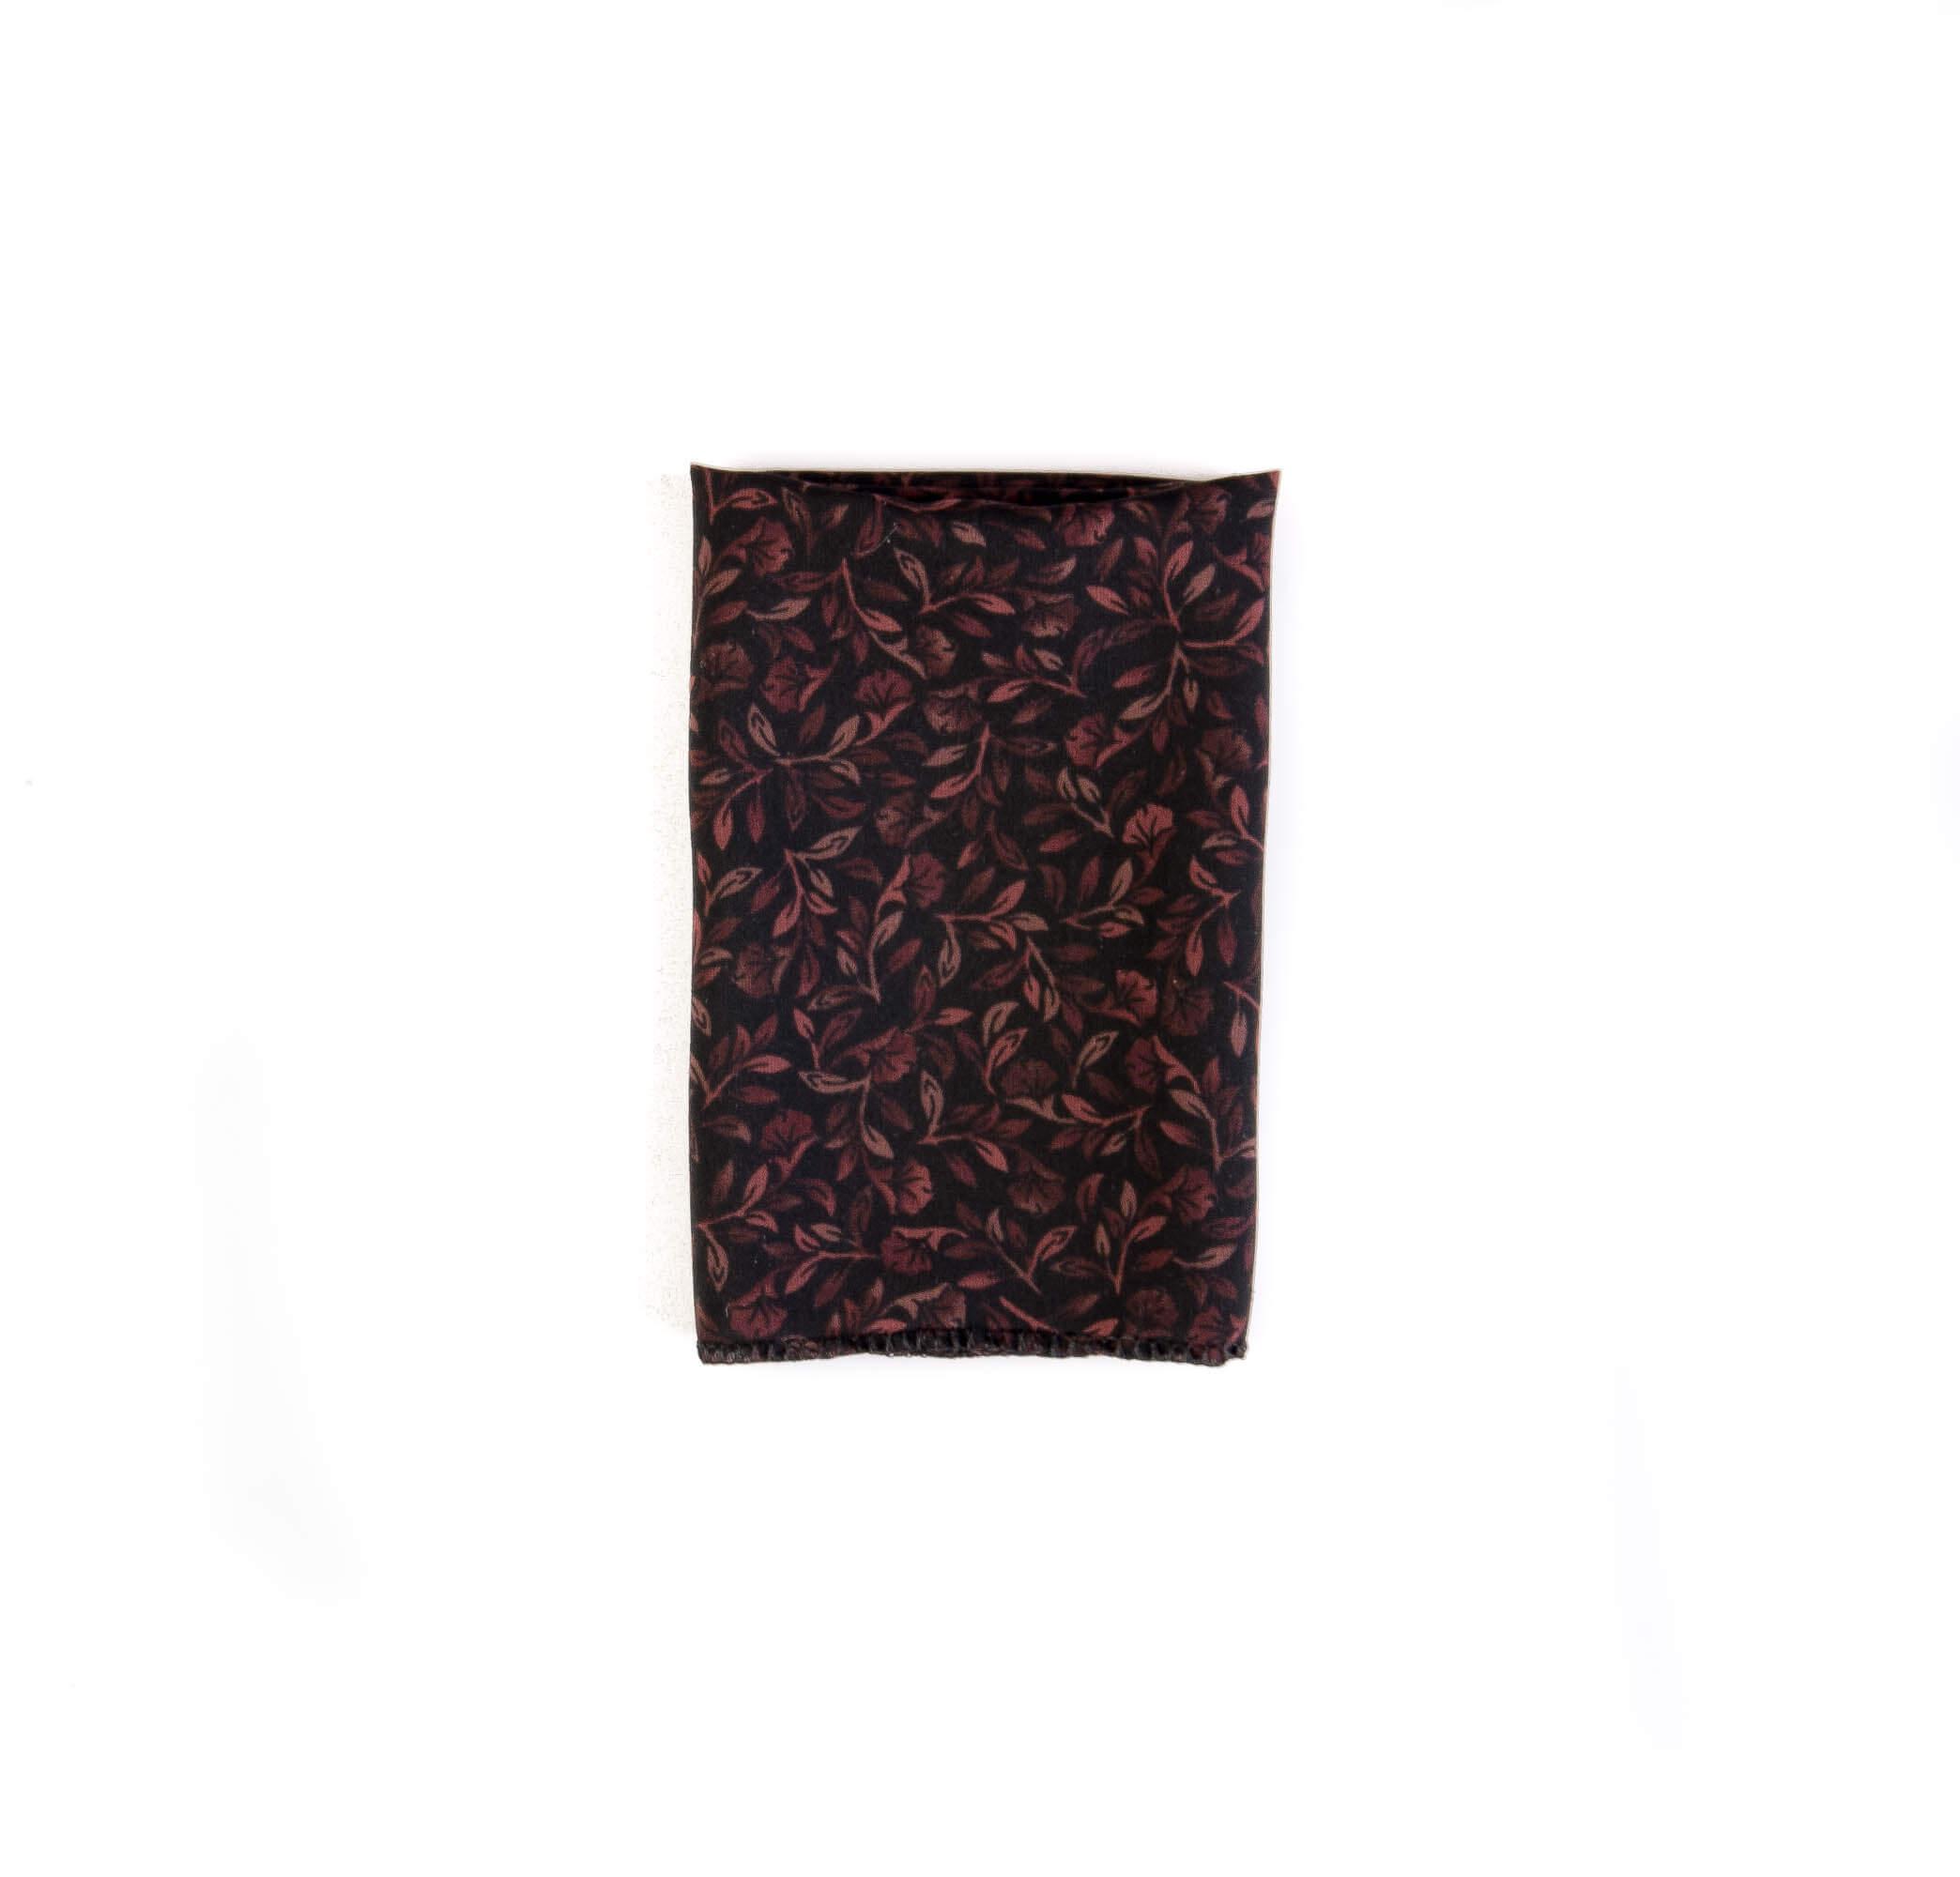 دستمال جیب طرح برگ رنگ مشکی-قهوه ای کد PS1047